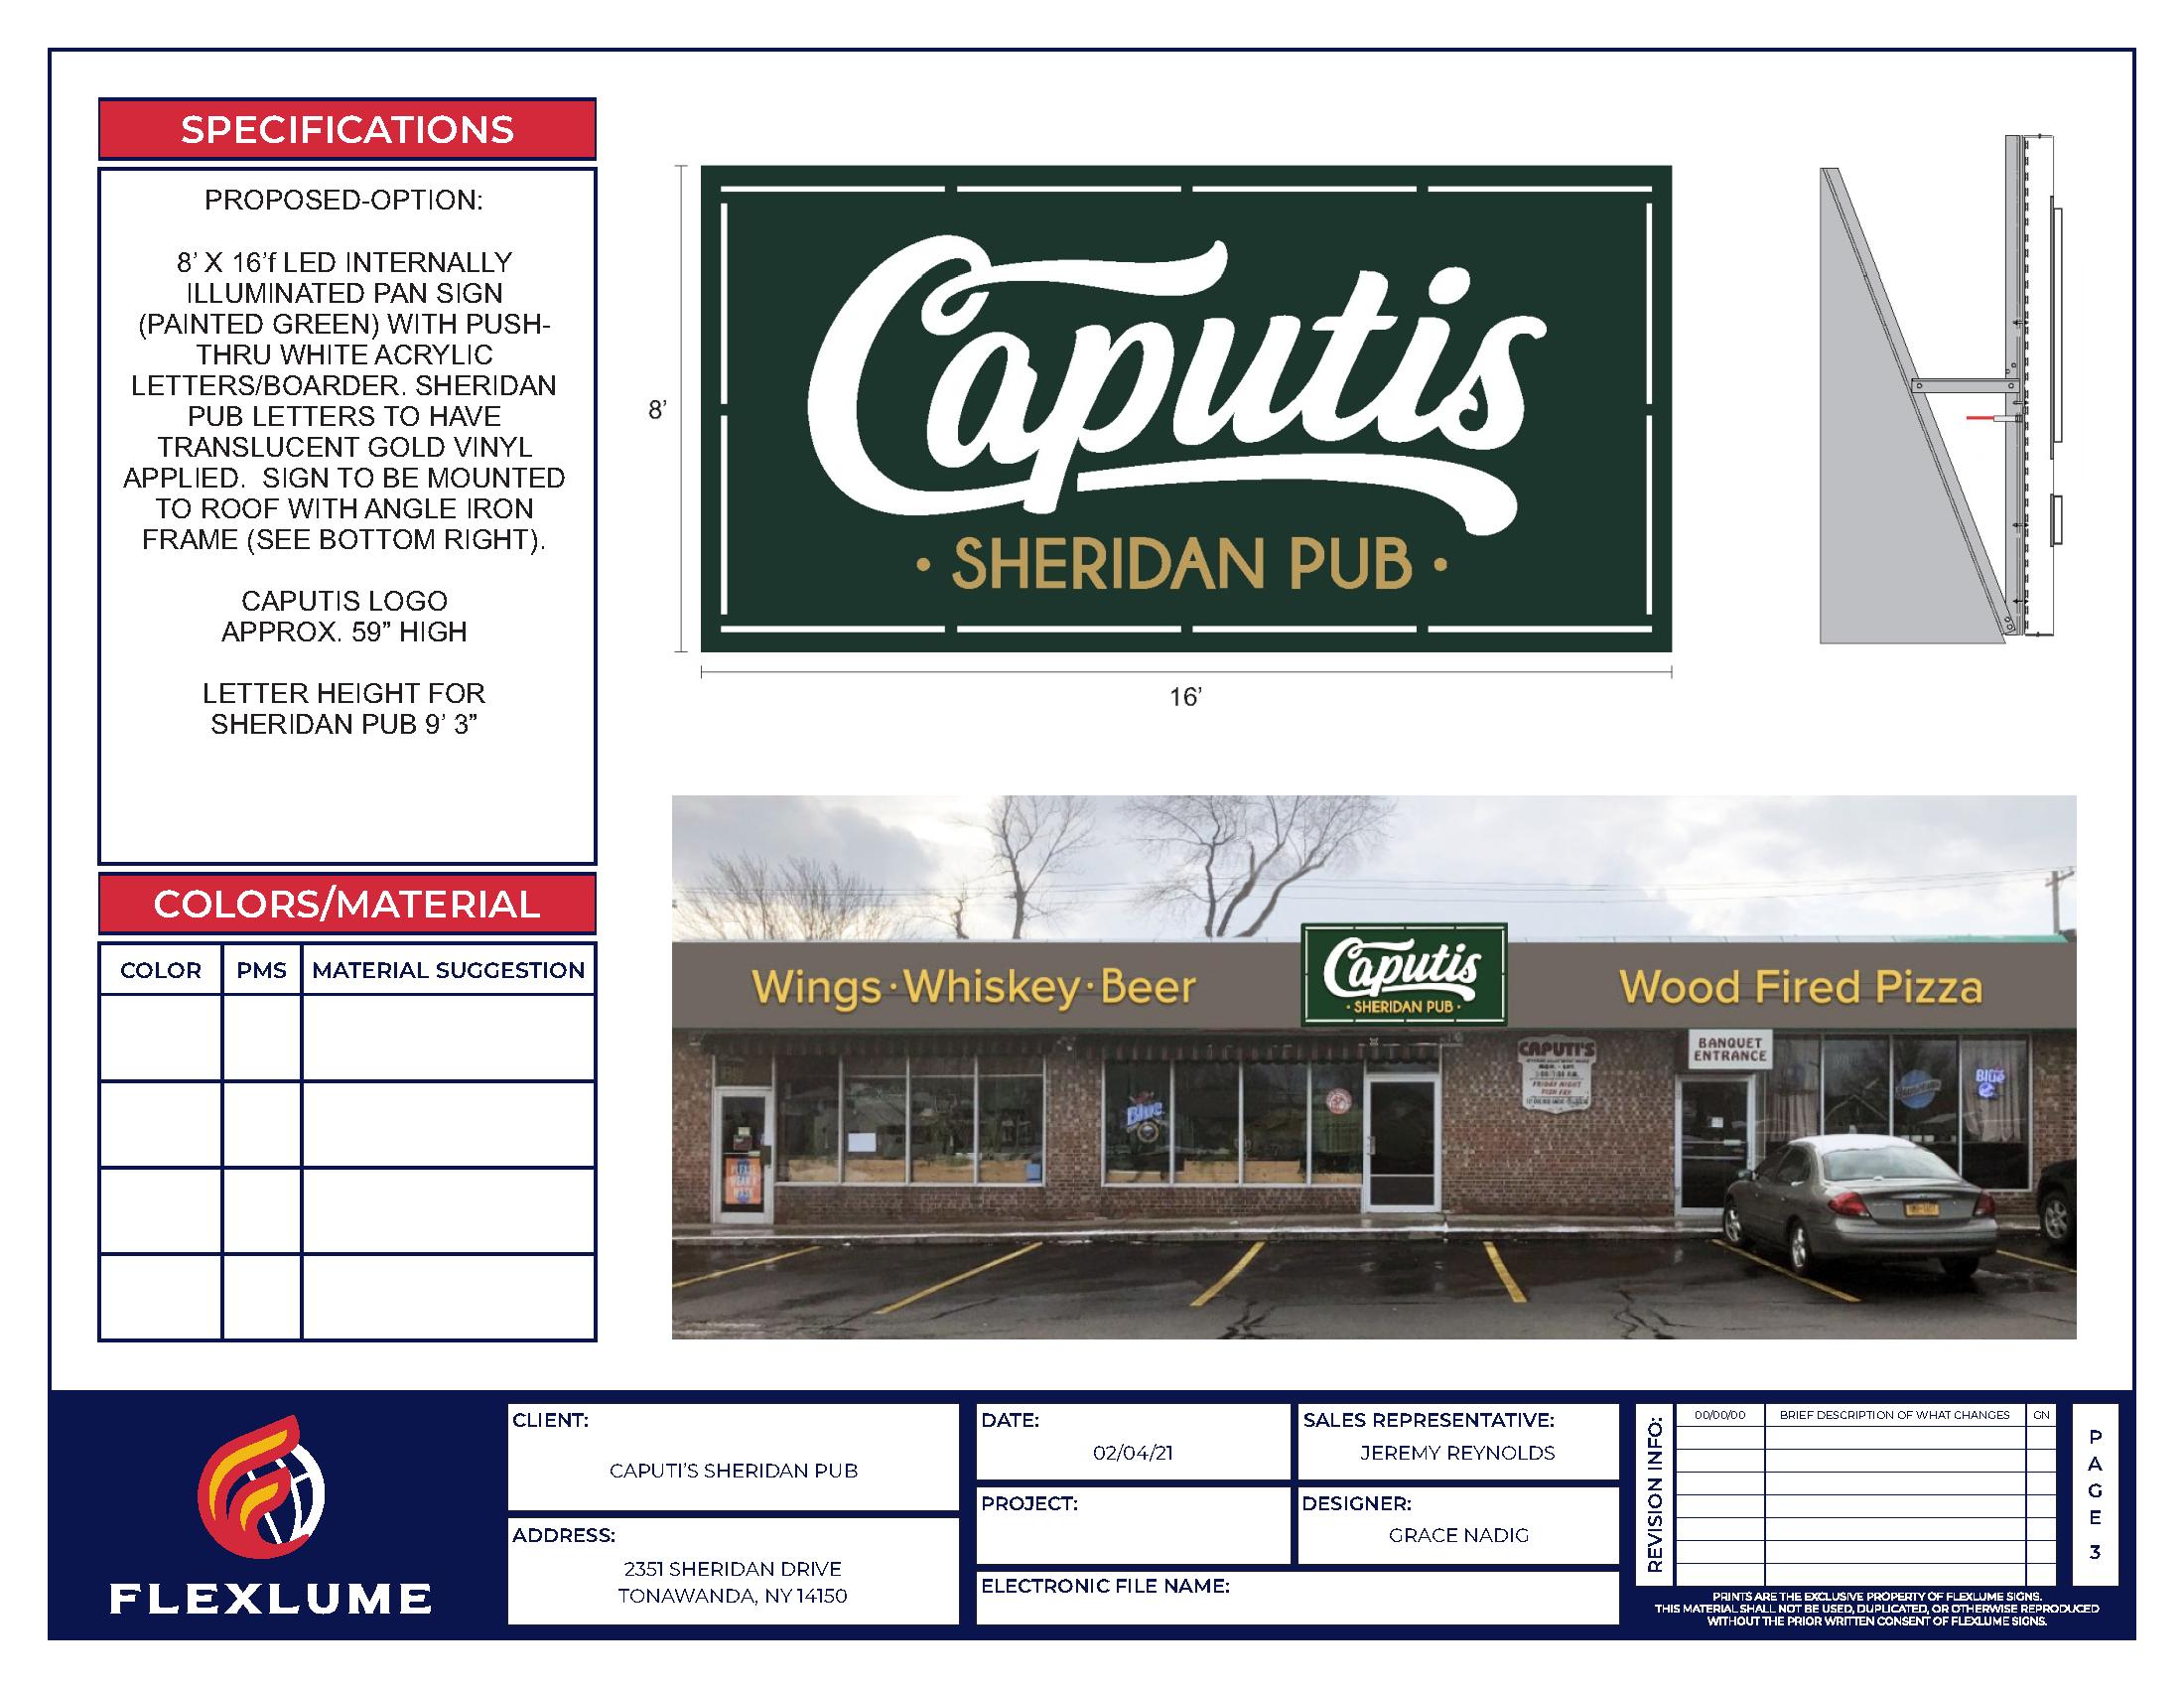 Caputis Sheridan Pub Sign Design Rendering